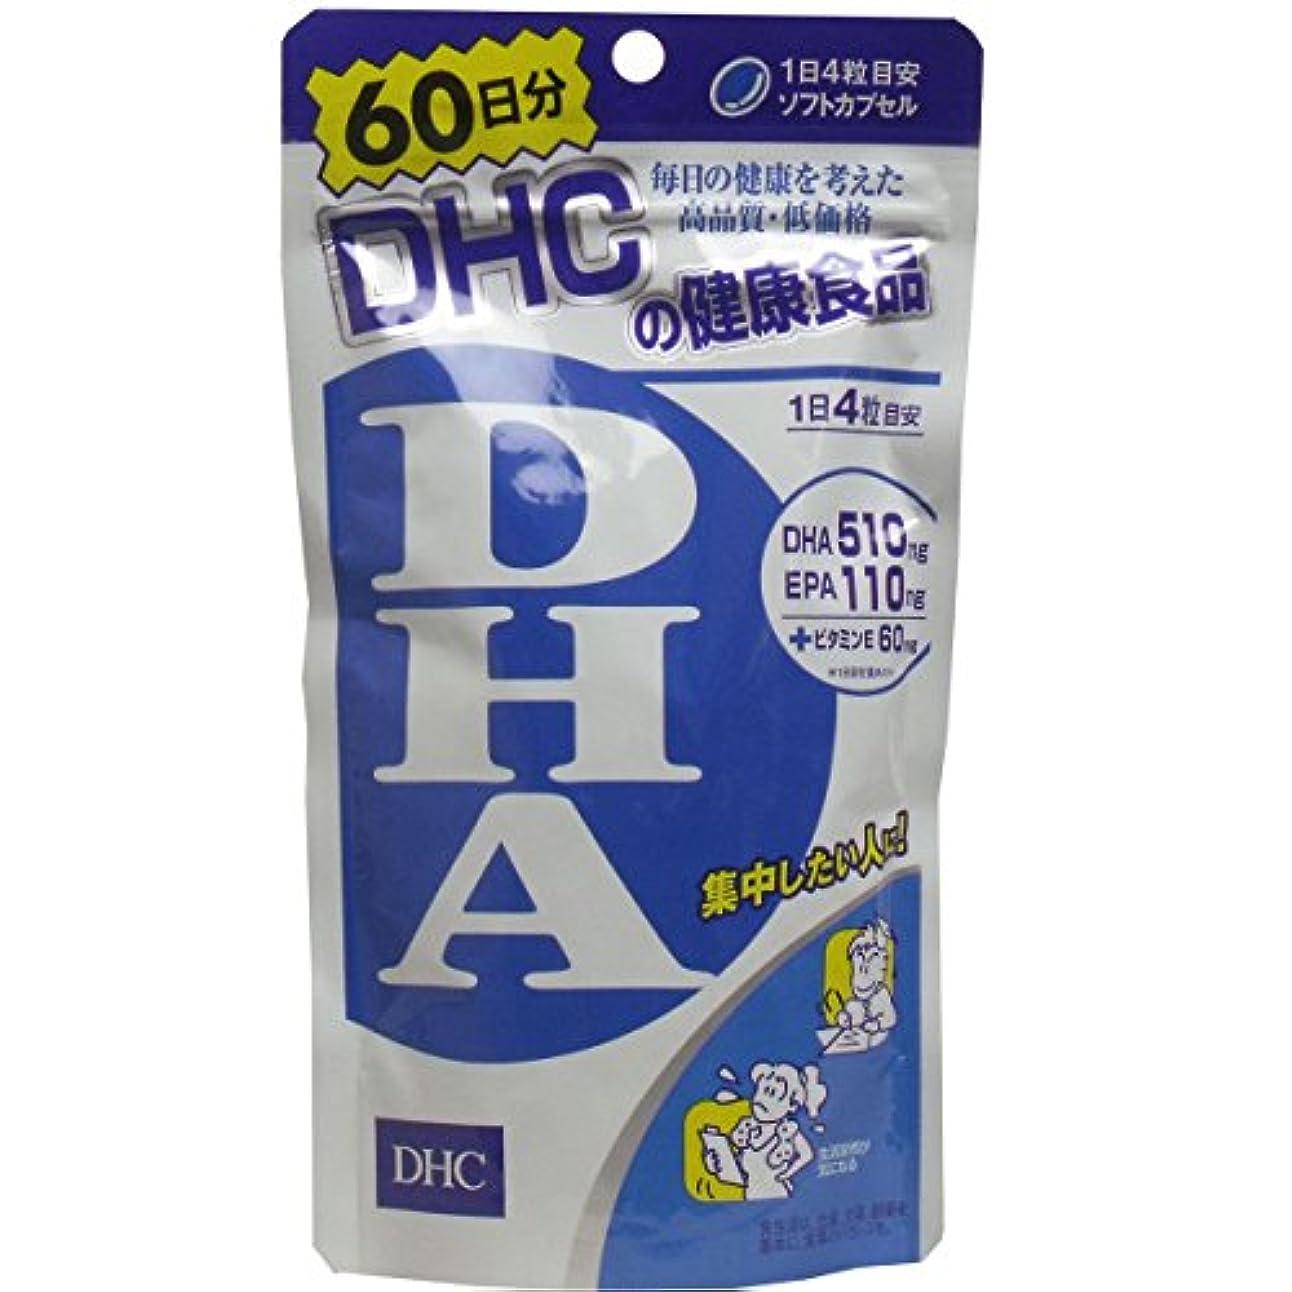 バーベキュー発見するペイント<お得な2個パック>DHC DHA 60日分 240粒入り×2個